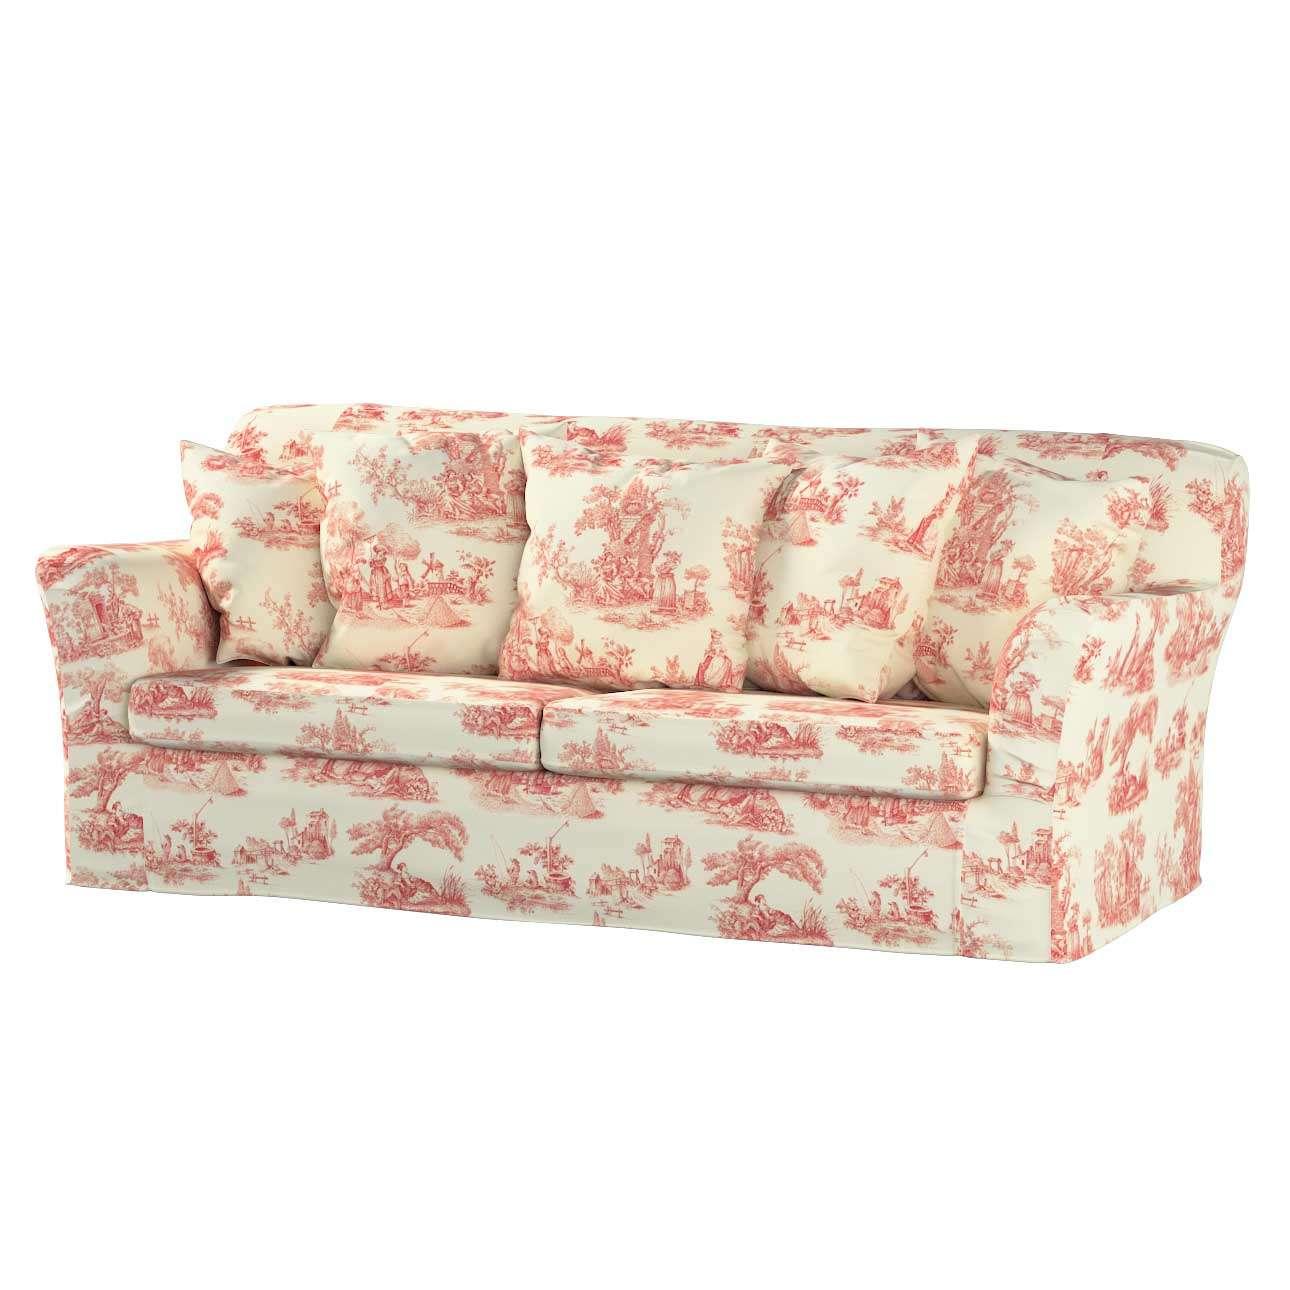 TOMELILLA trivietės sofos lovos užvalkalas TOMELILLA trivietė sofa lova kolekcijoje Avinon, audinys: 132-15